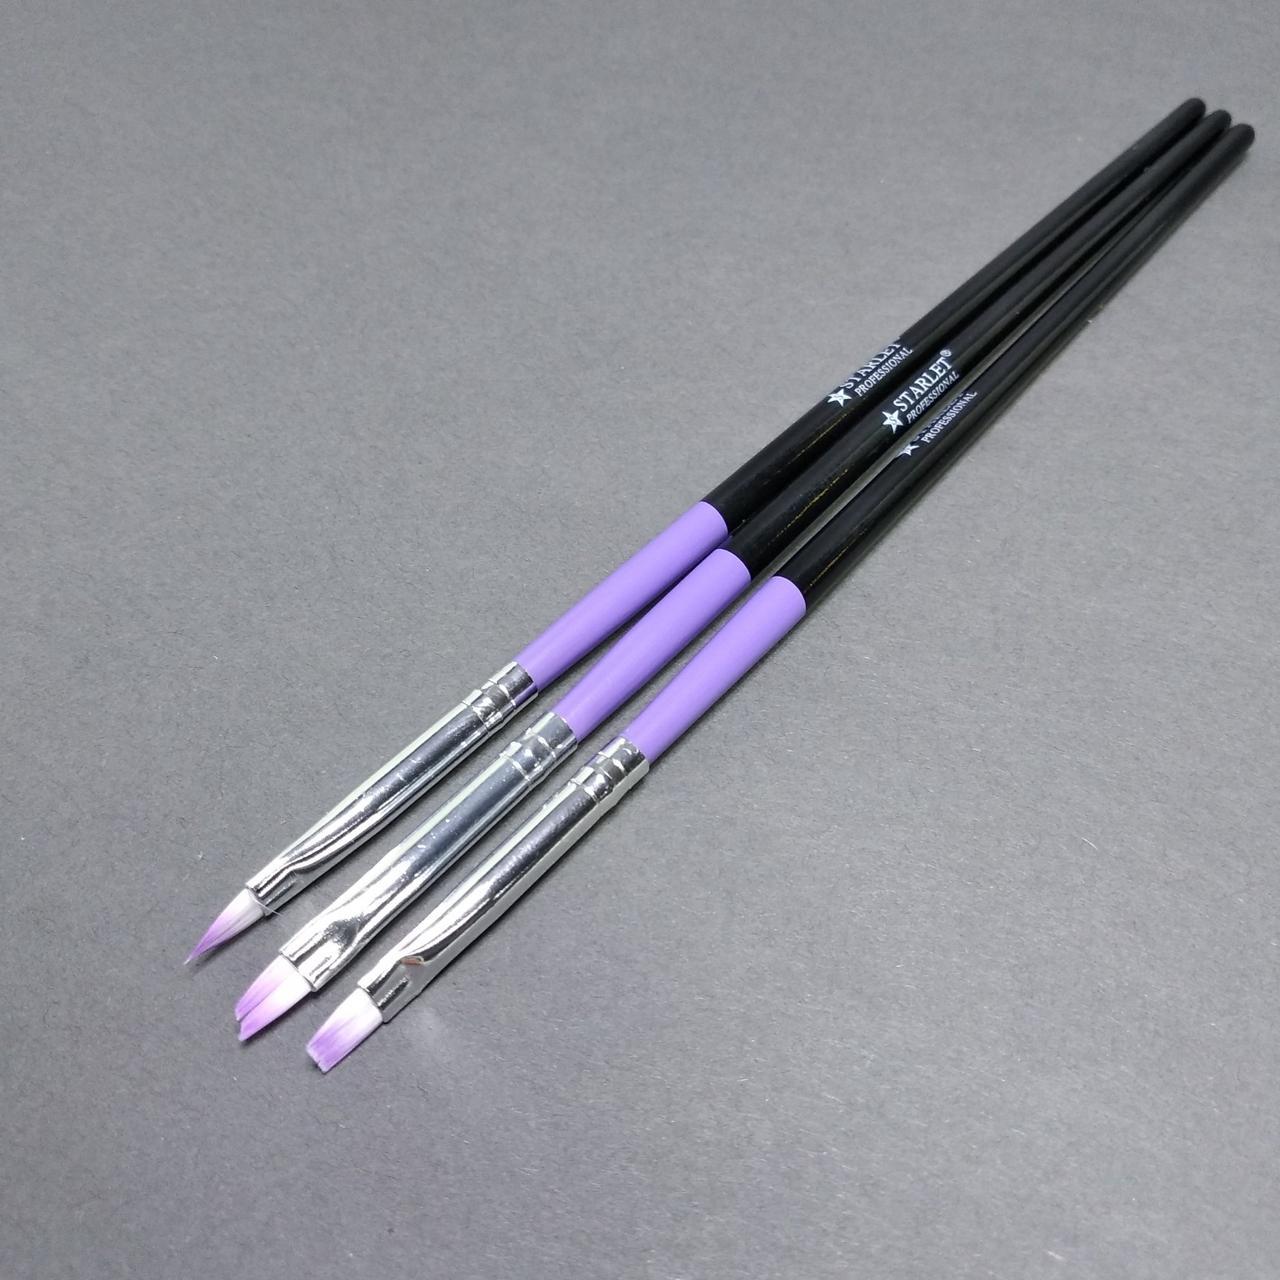 Набор кистей для китайской росписи и дизайна ногтей Starlet Professional 3шт